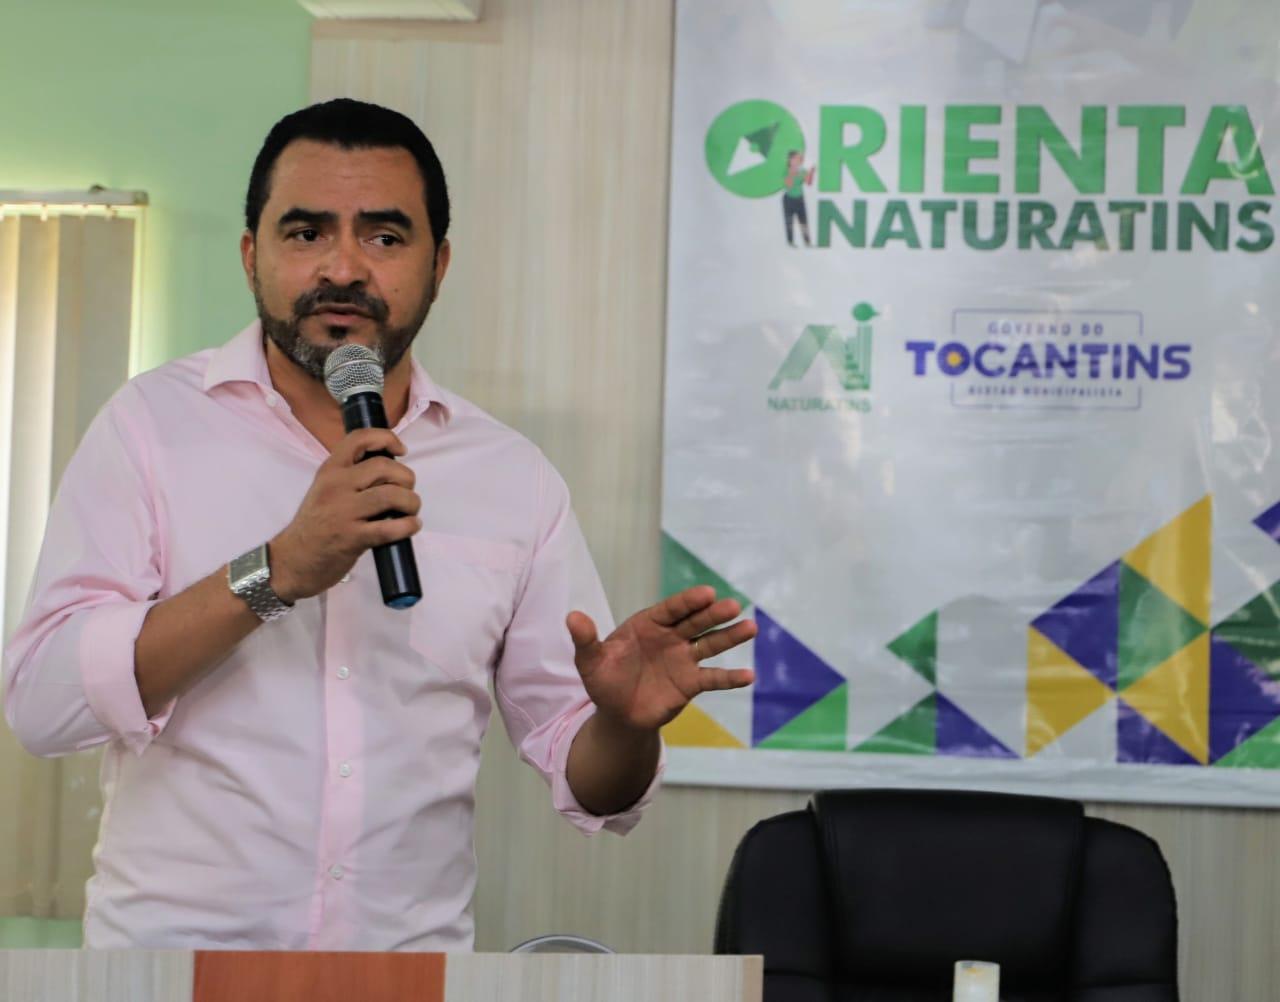 Governo do Tocantins lança mais uma edição do Orienta Naturatins em Araguatins